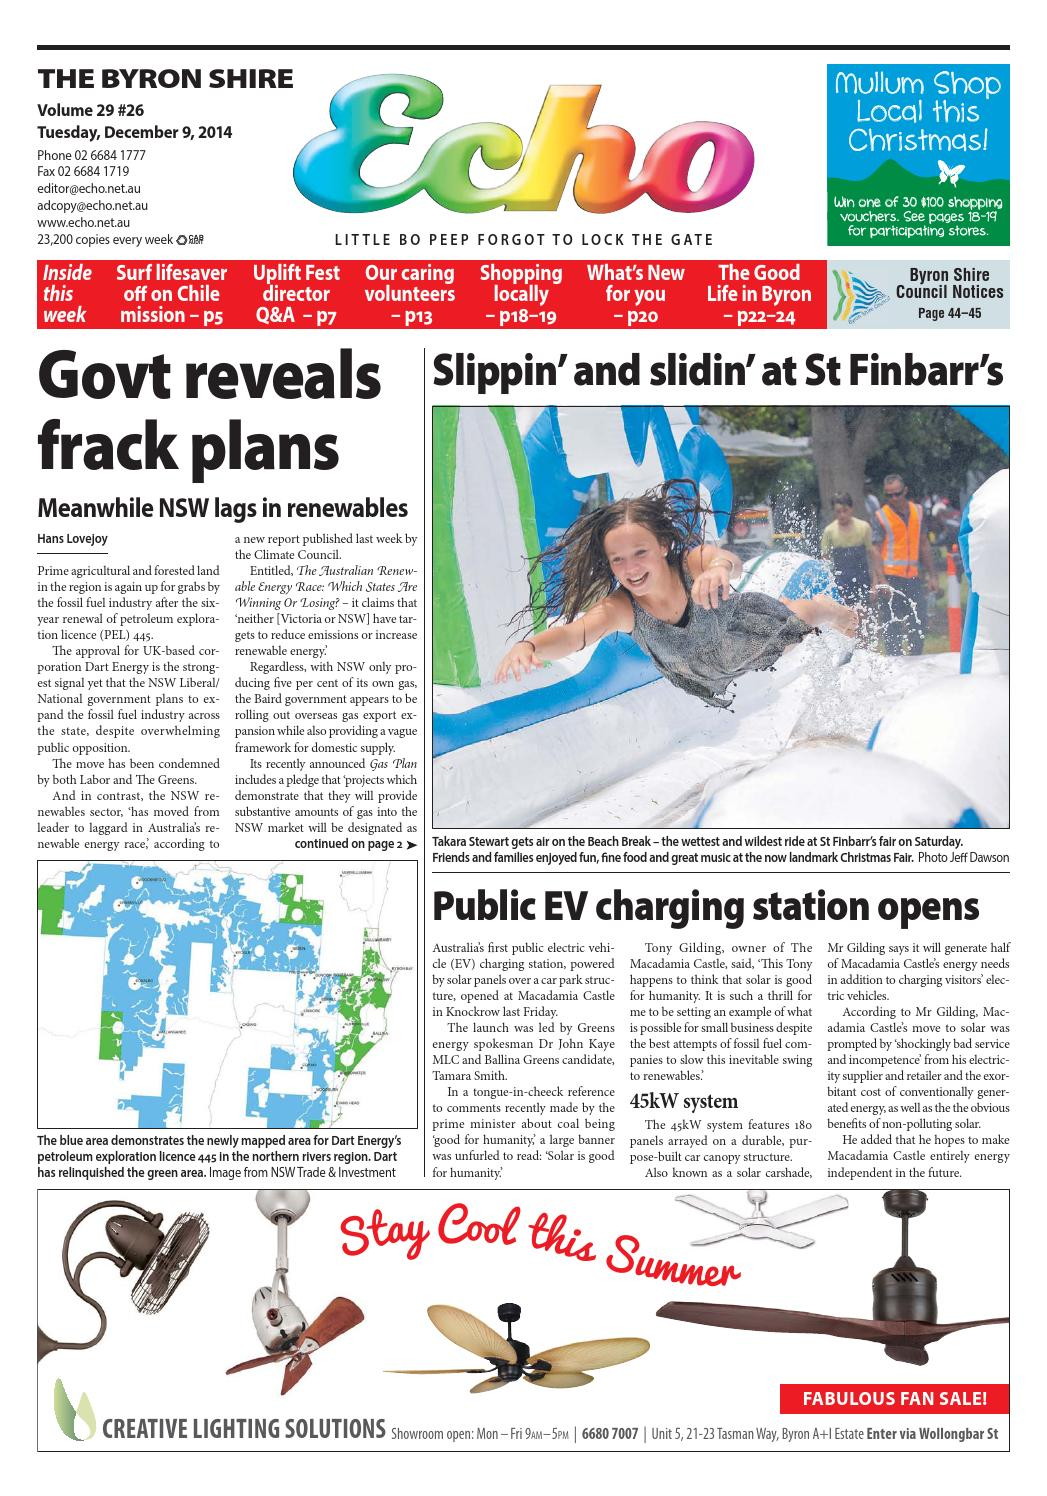 Byron Shire Echo – Issue 29.26 – 09/12/2014 by Echo Publications - issuu